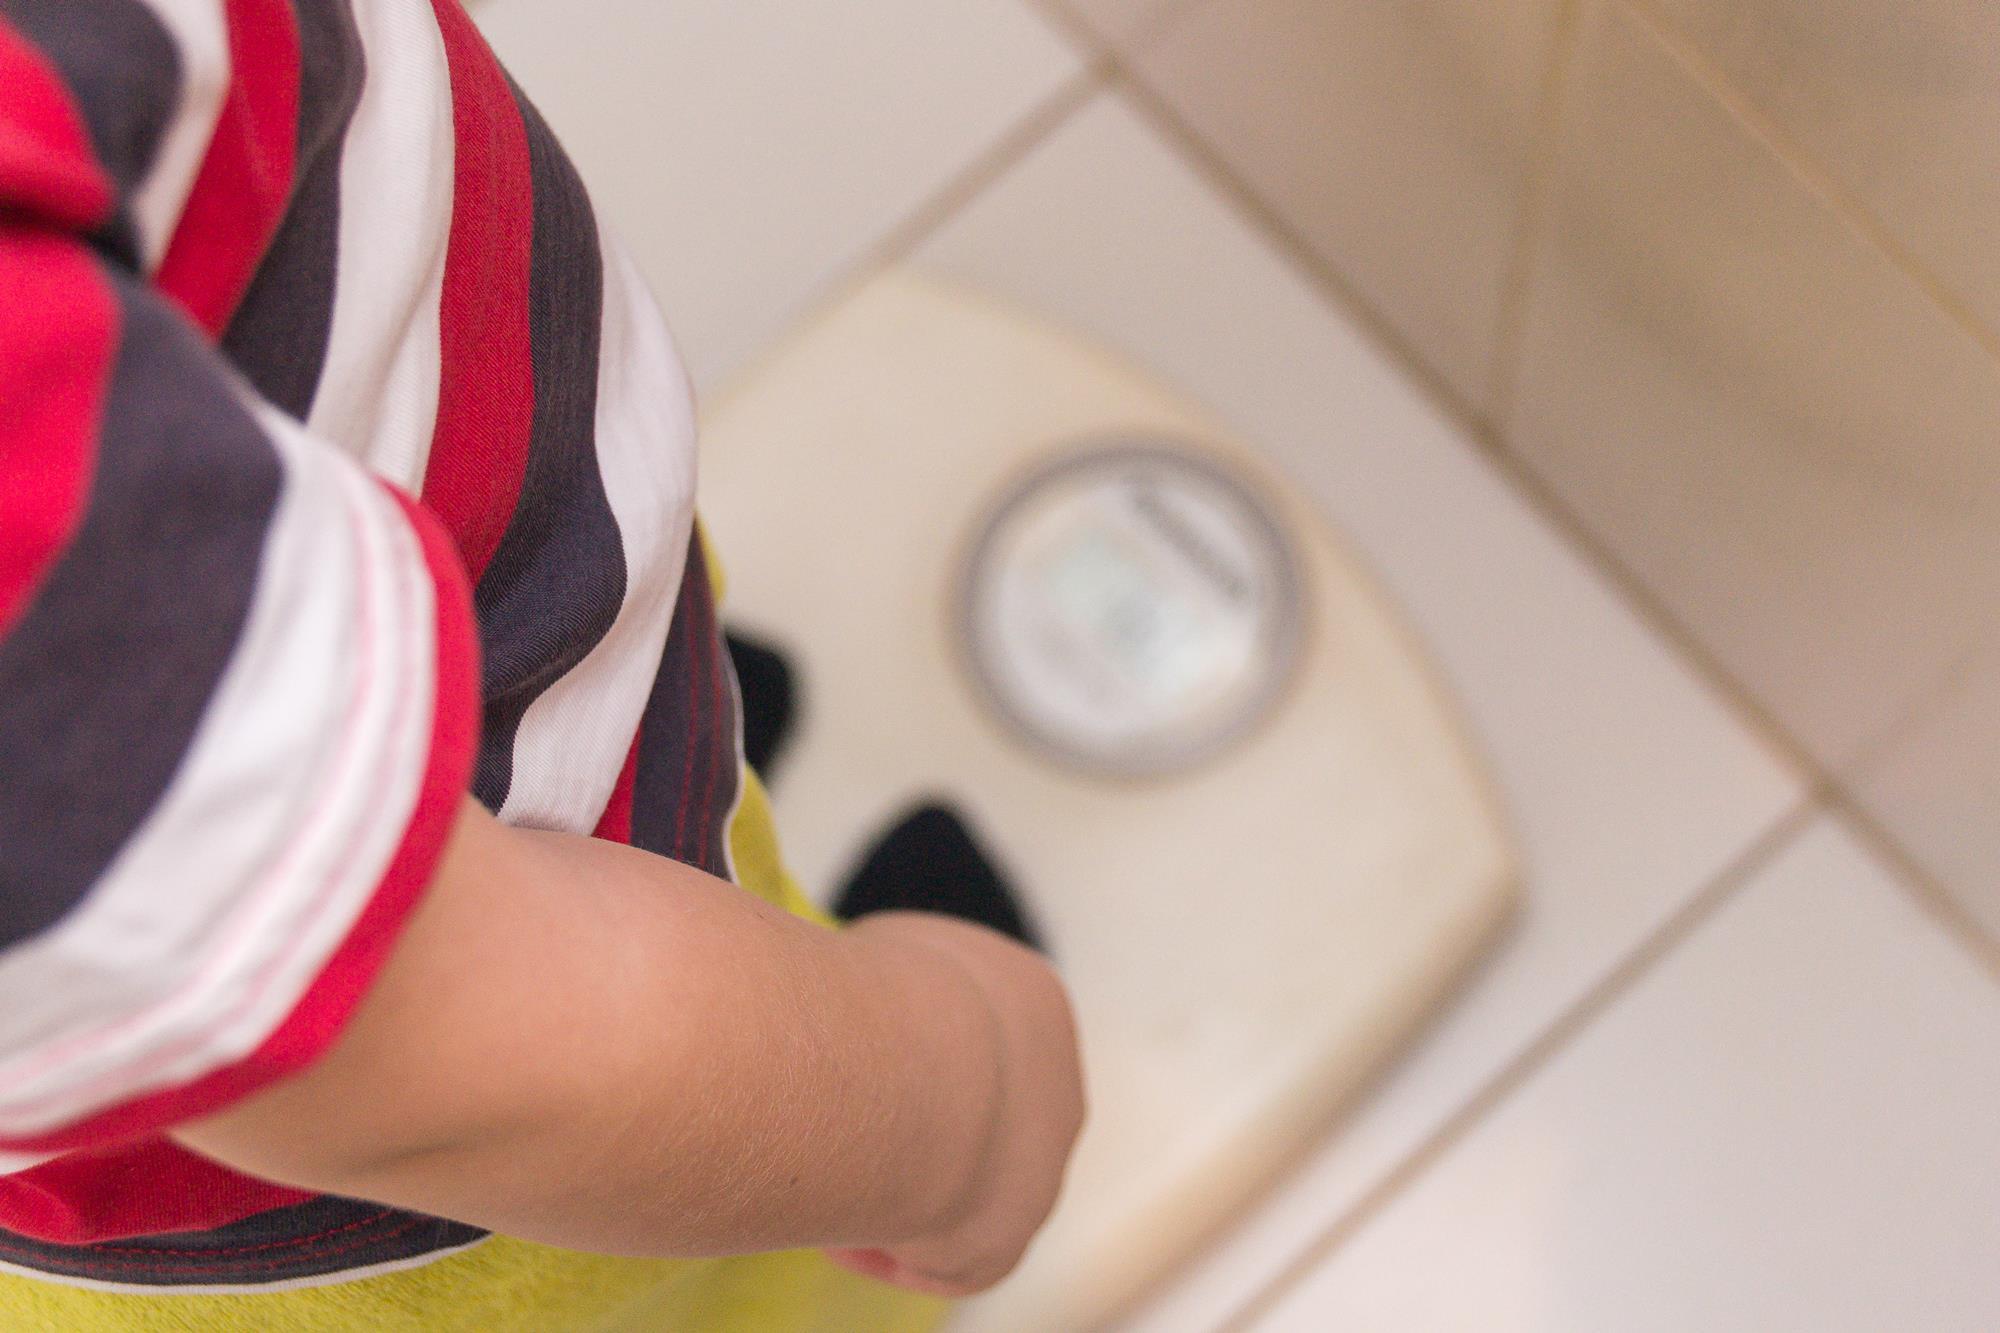 Los adultos jóvenes, que son obesos, hipertensos y portadores de Covid-19 tienen un mayor riesgo de que su cuadro se agrave, según un estudio